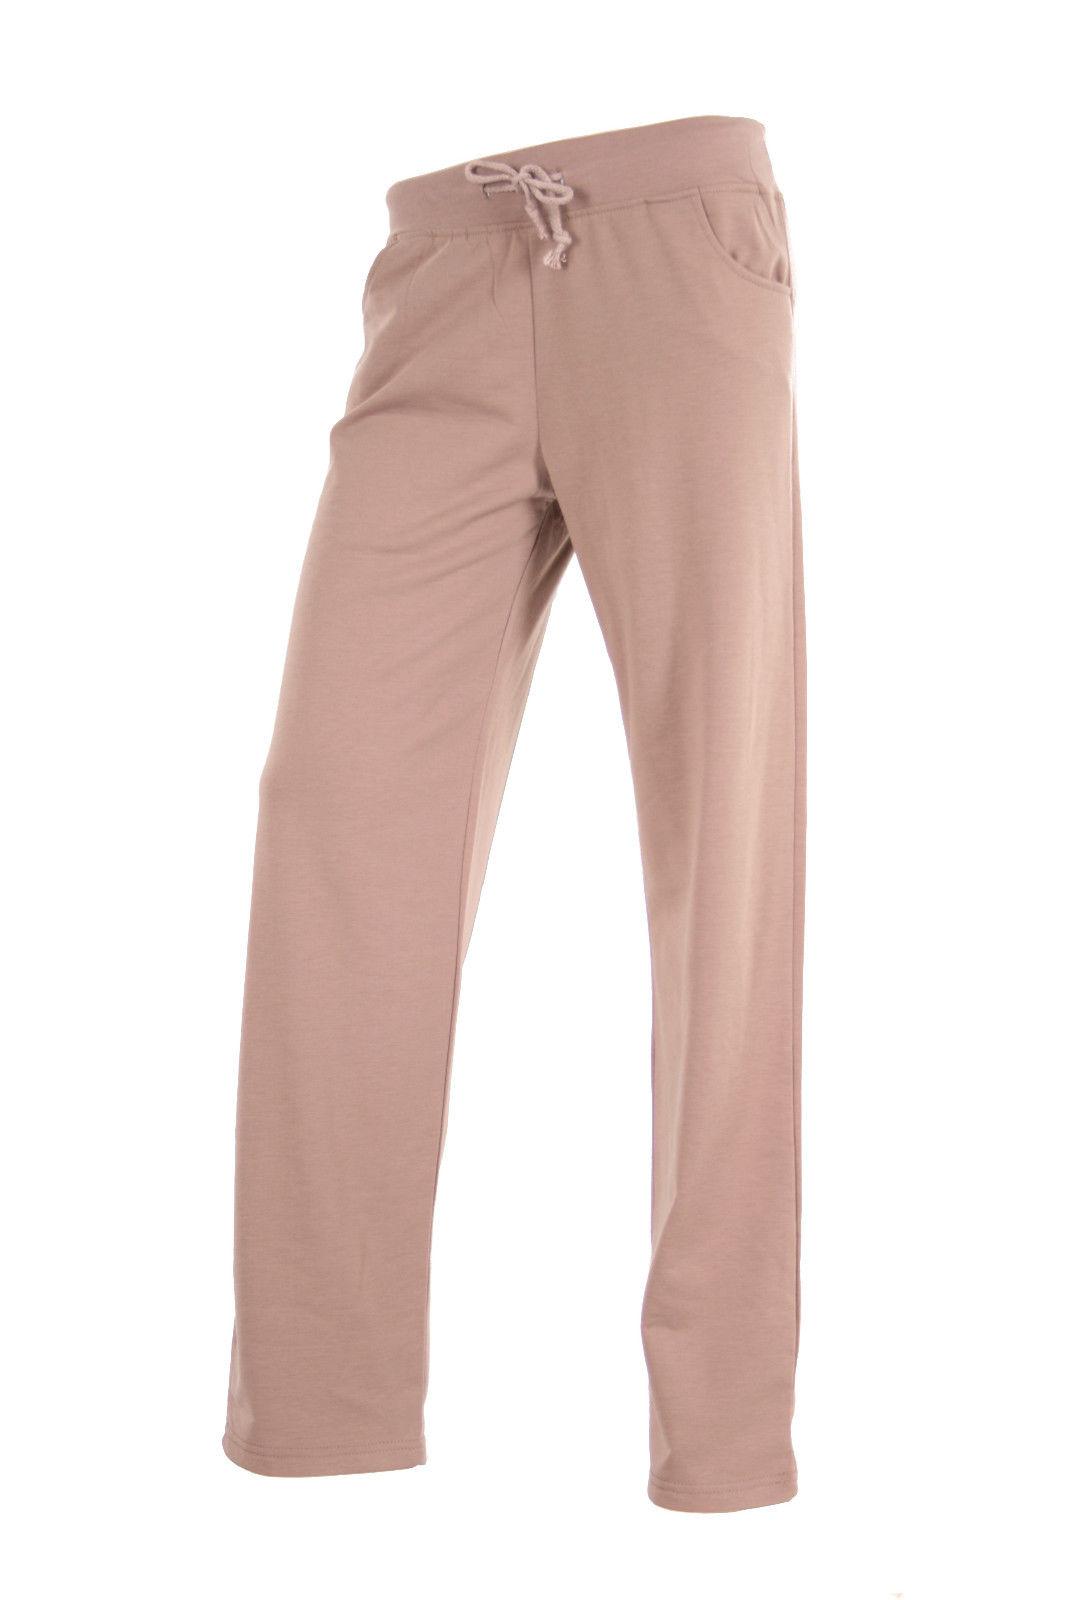 NEU Damen Sporthose Ganeder Yoga Hose Fitnesshose Relaxhose S M L XL Beige Grau